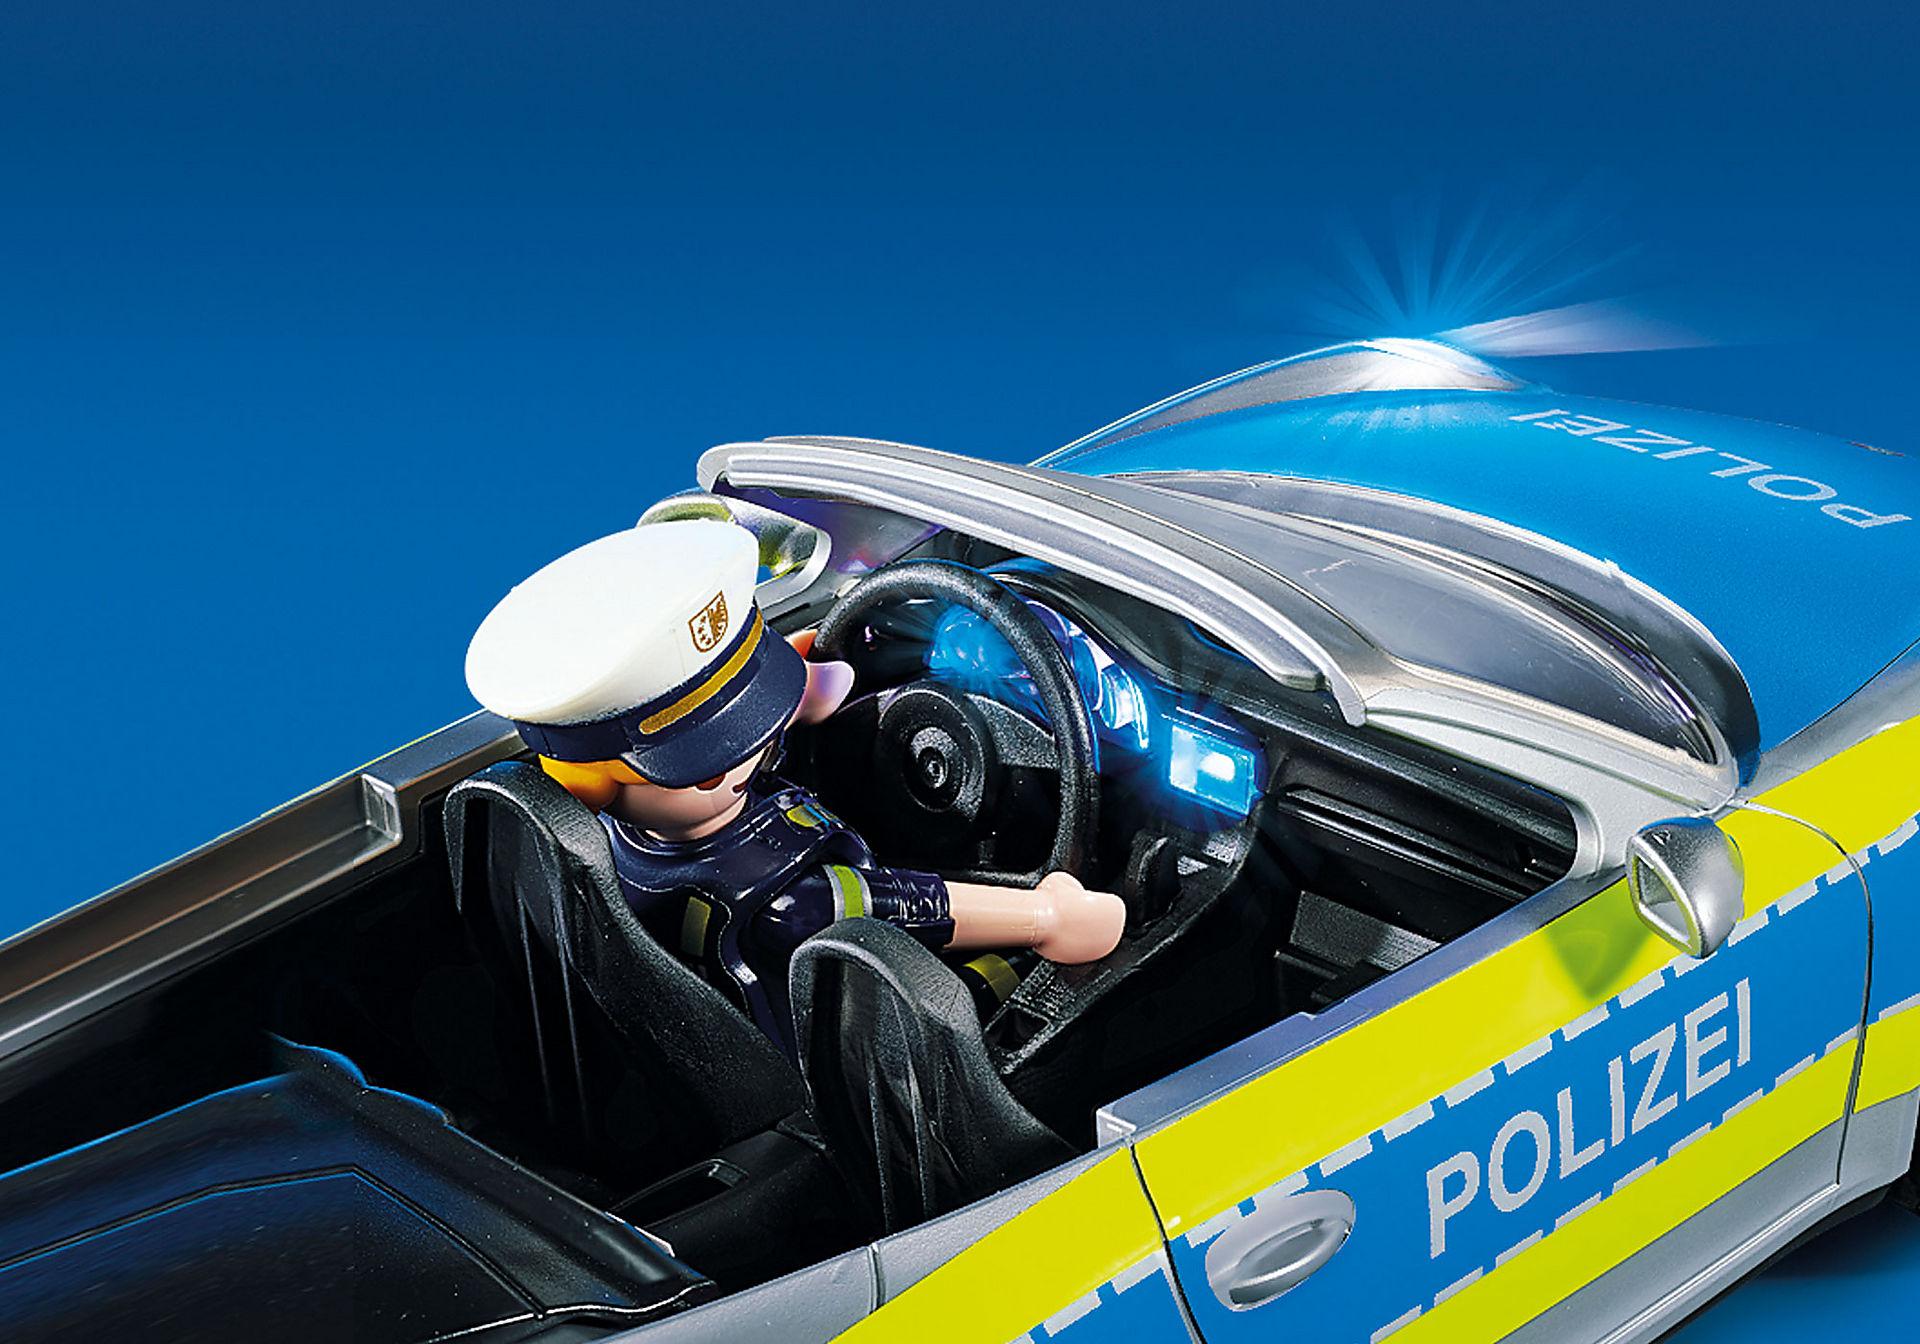 70067 Porsche 911 Carrera 4S Politi- Grå zoom image7